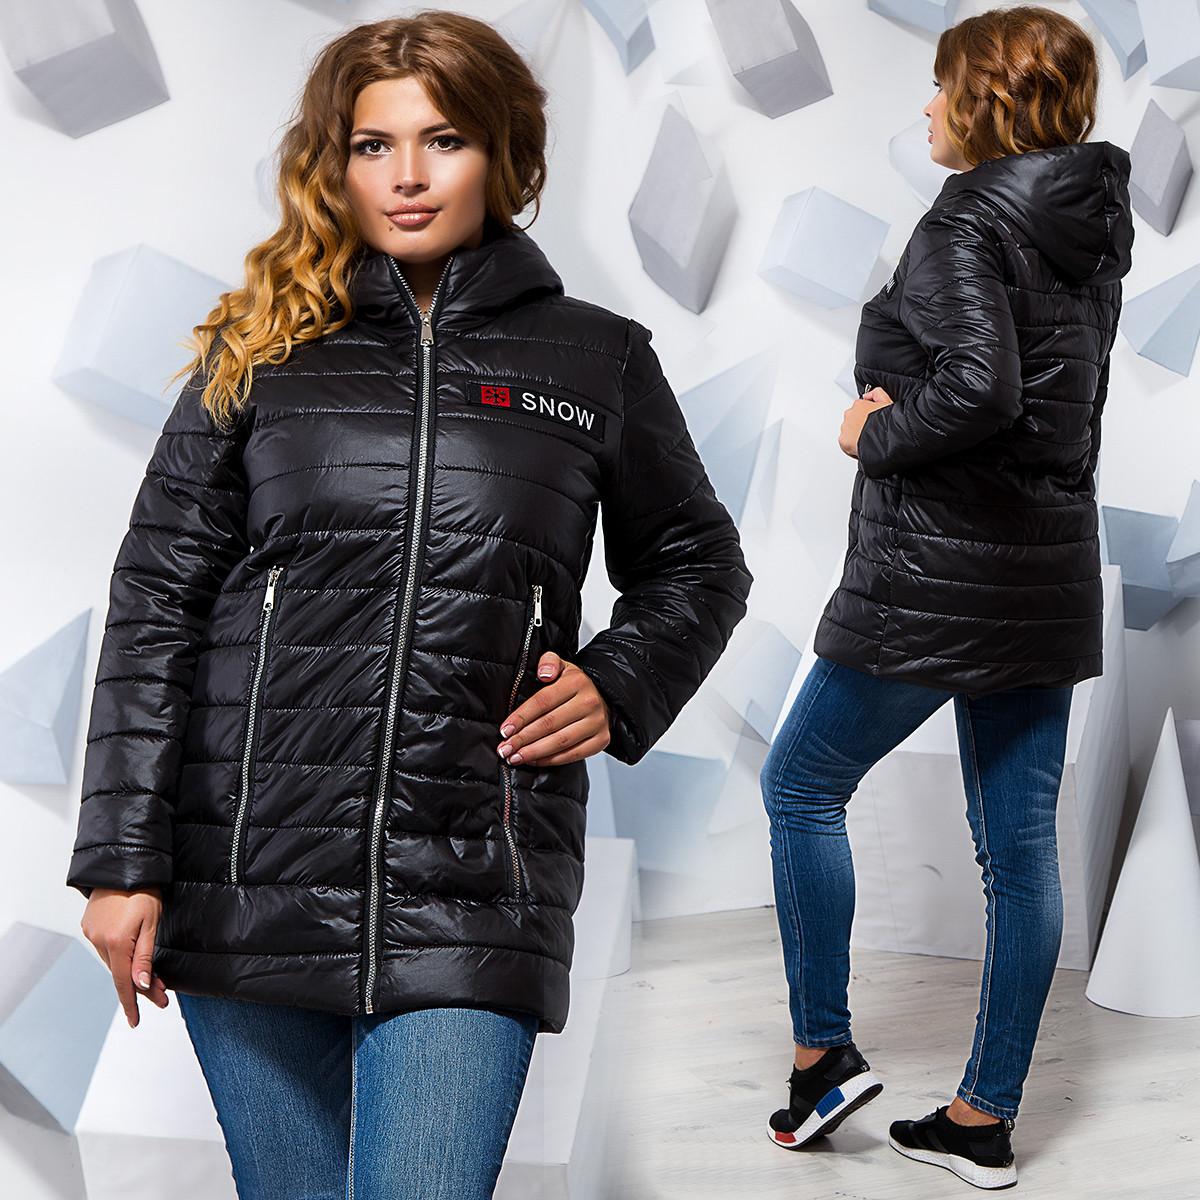 Женская стильная куртка с капюшоном демисезон в больших размерах 758-1